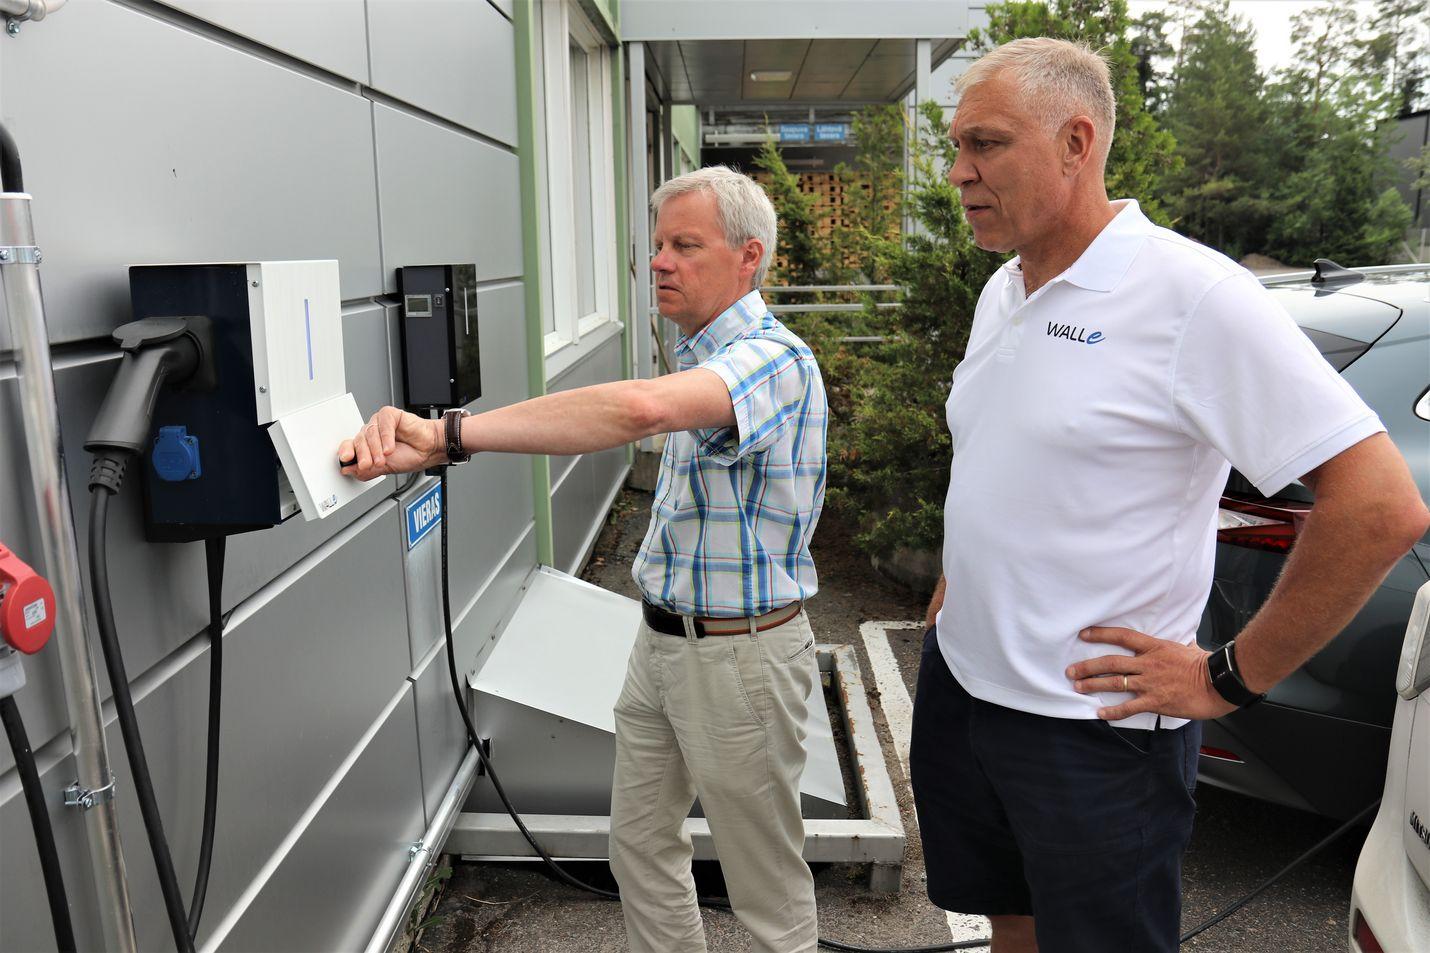 Sähköauton lataamisen pitää onnistua niin yhteiskäytössä kuin yksityiskodissa. Toimitusjohtaja Jouni Lindroos (vas.) ja myyntijohtaja Ari Tikakoski esittelevät Trafomicin Walle-latauslaitteita.